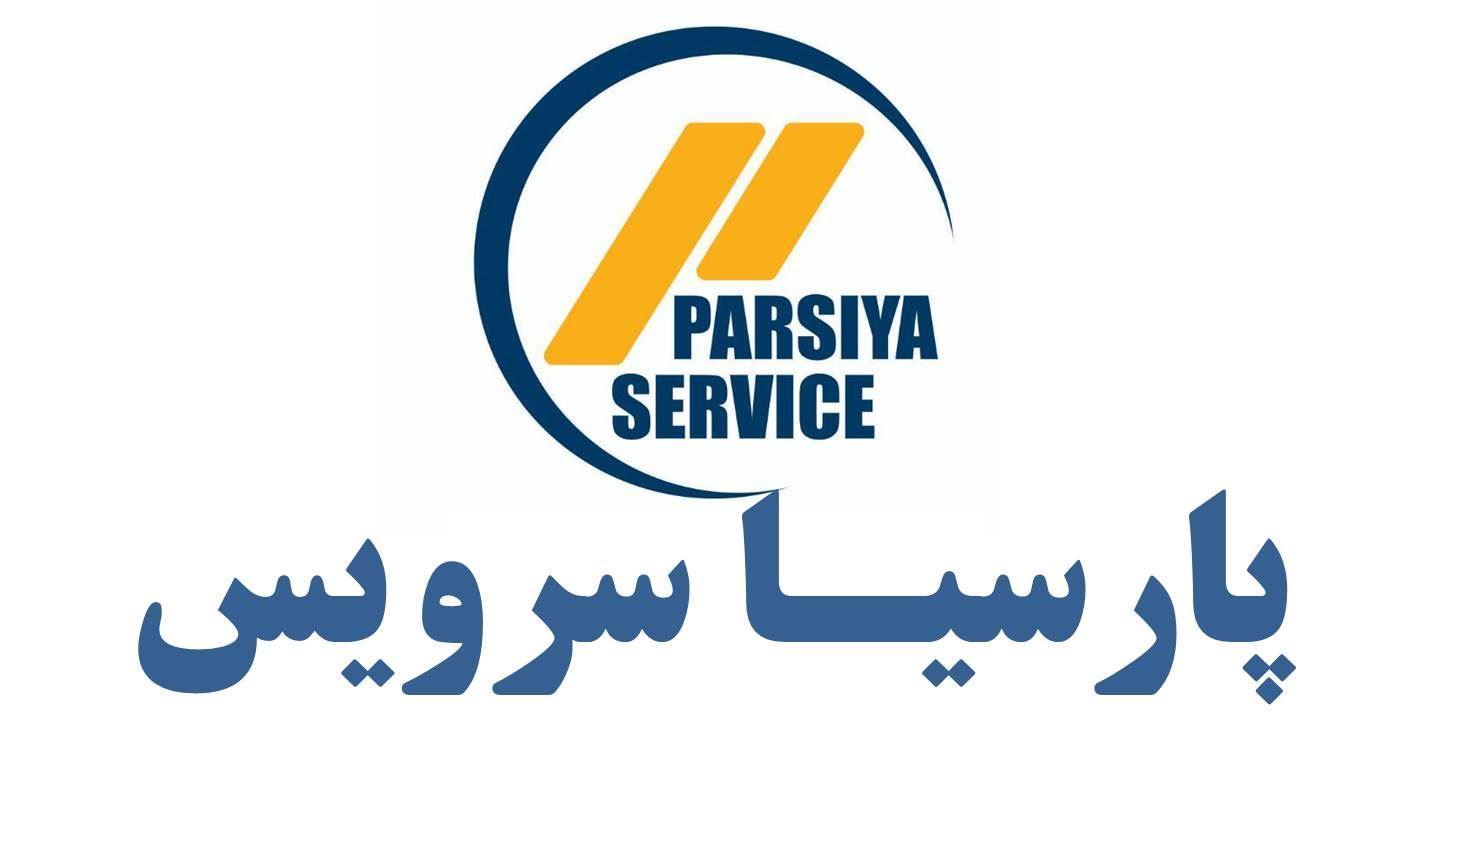 پارسیا سرویس